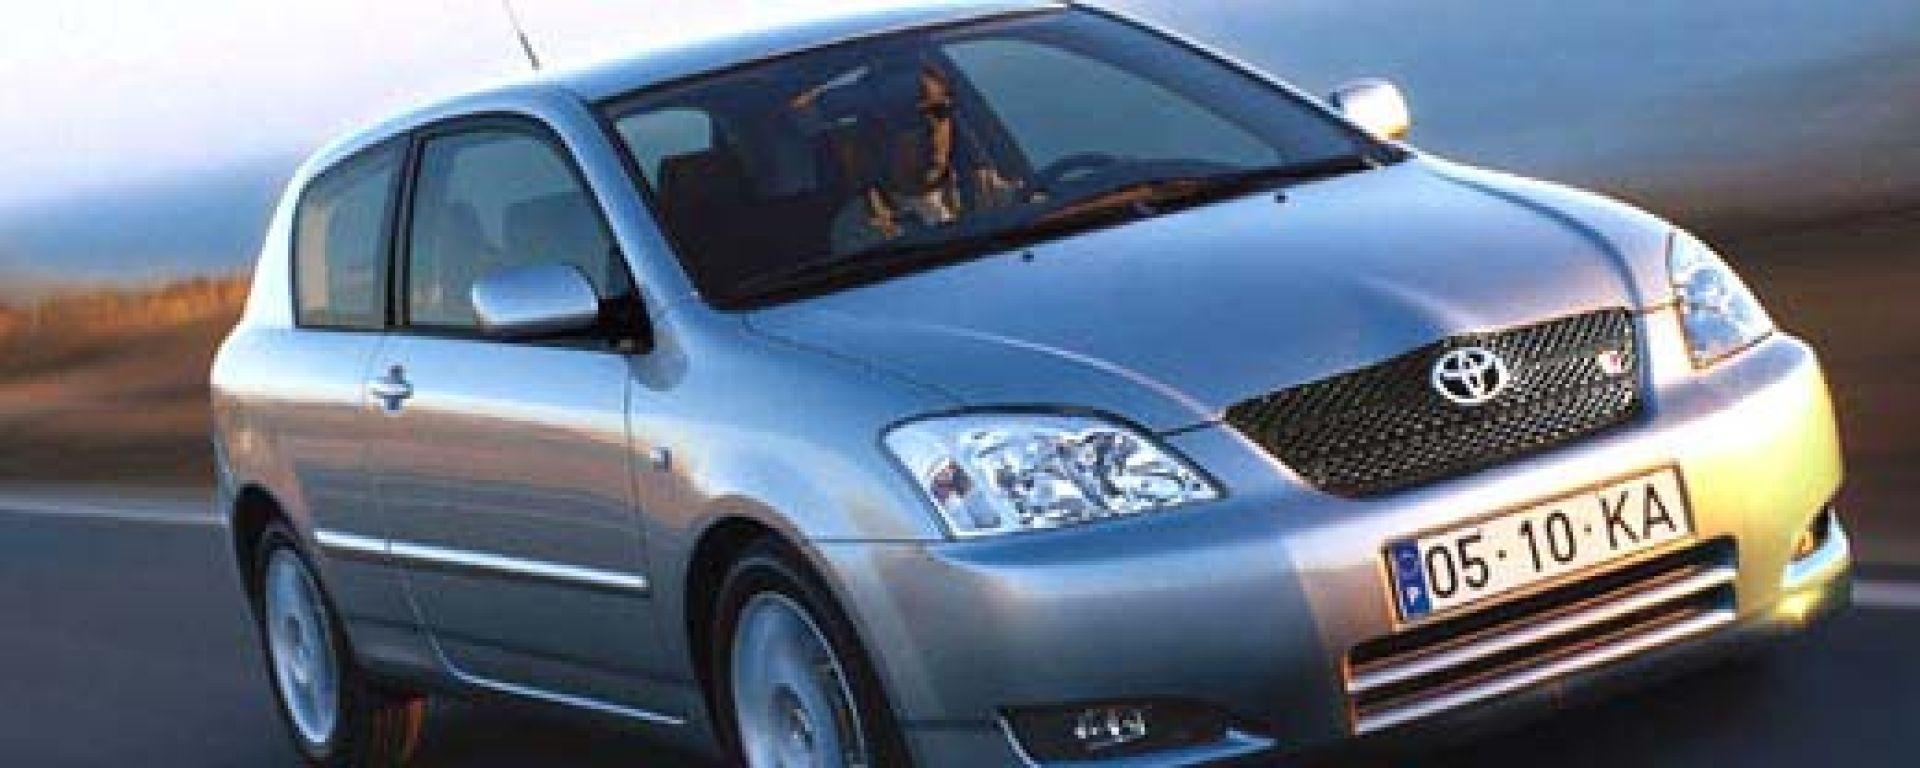 Totota Corolla my 2002